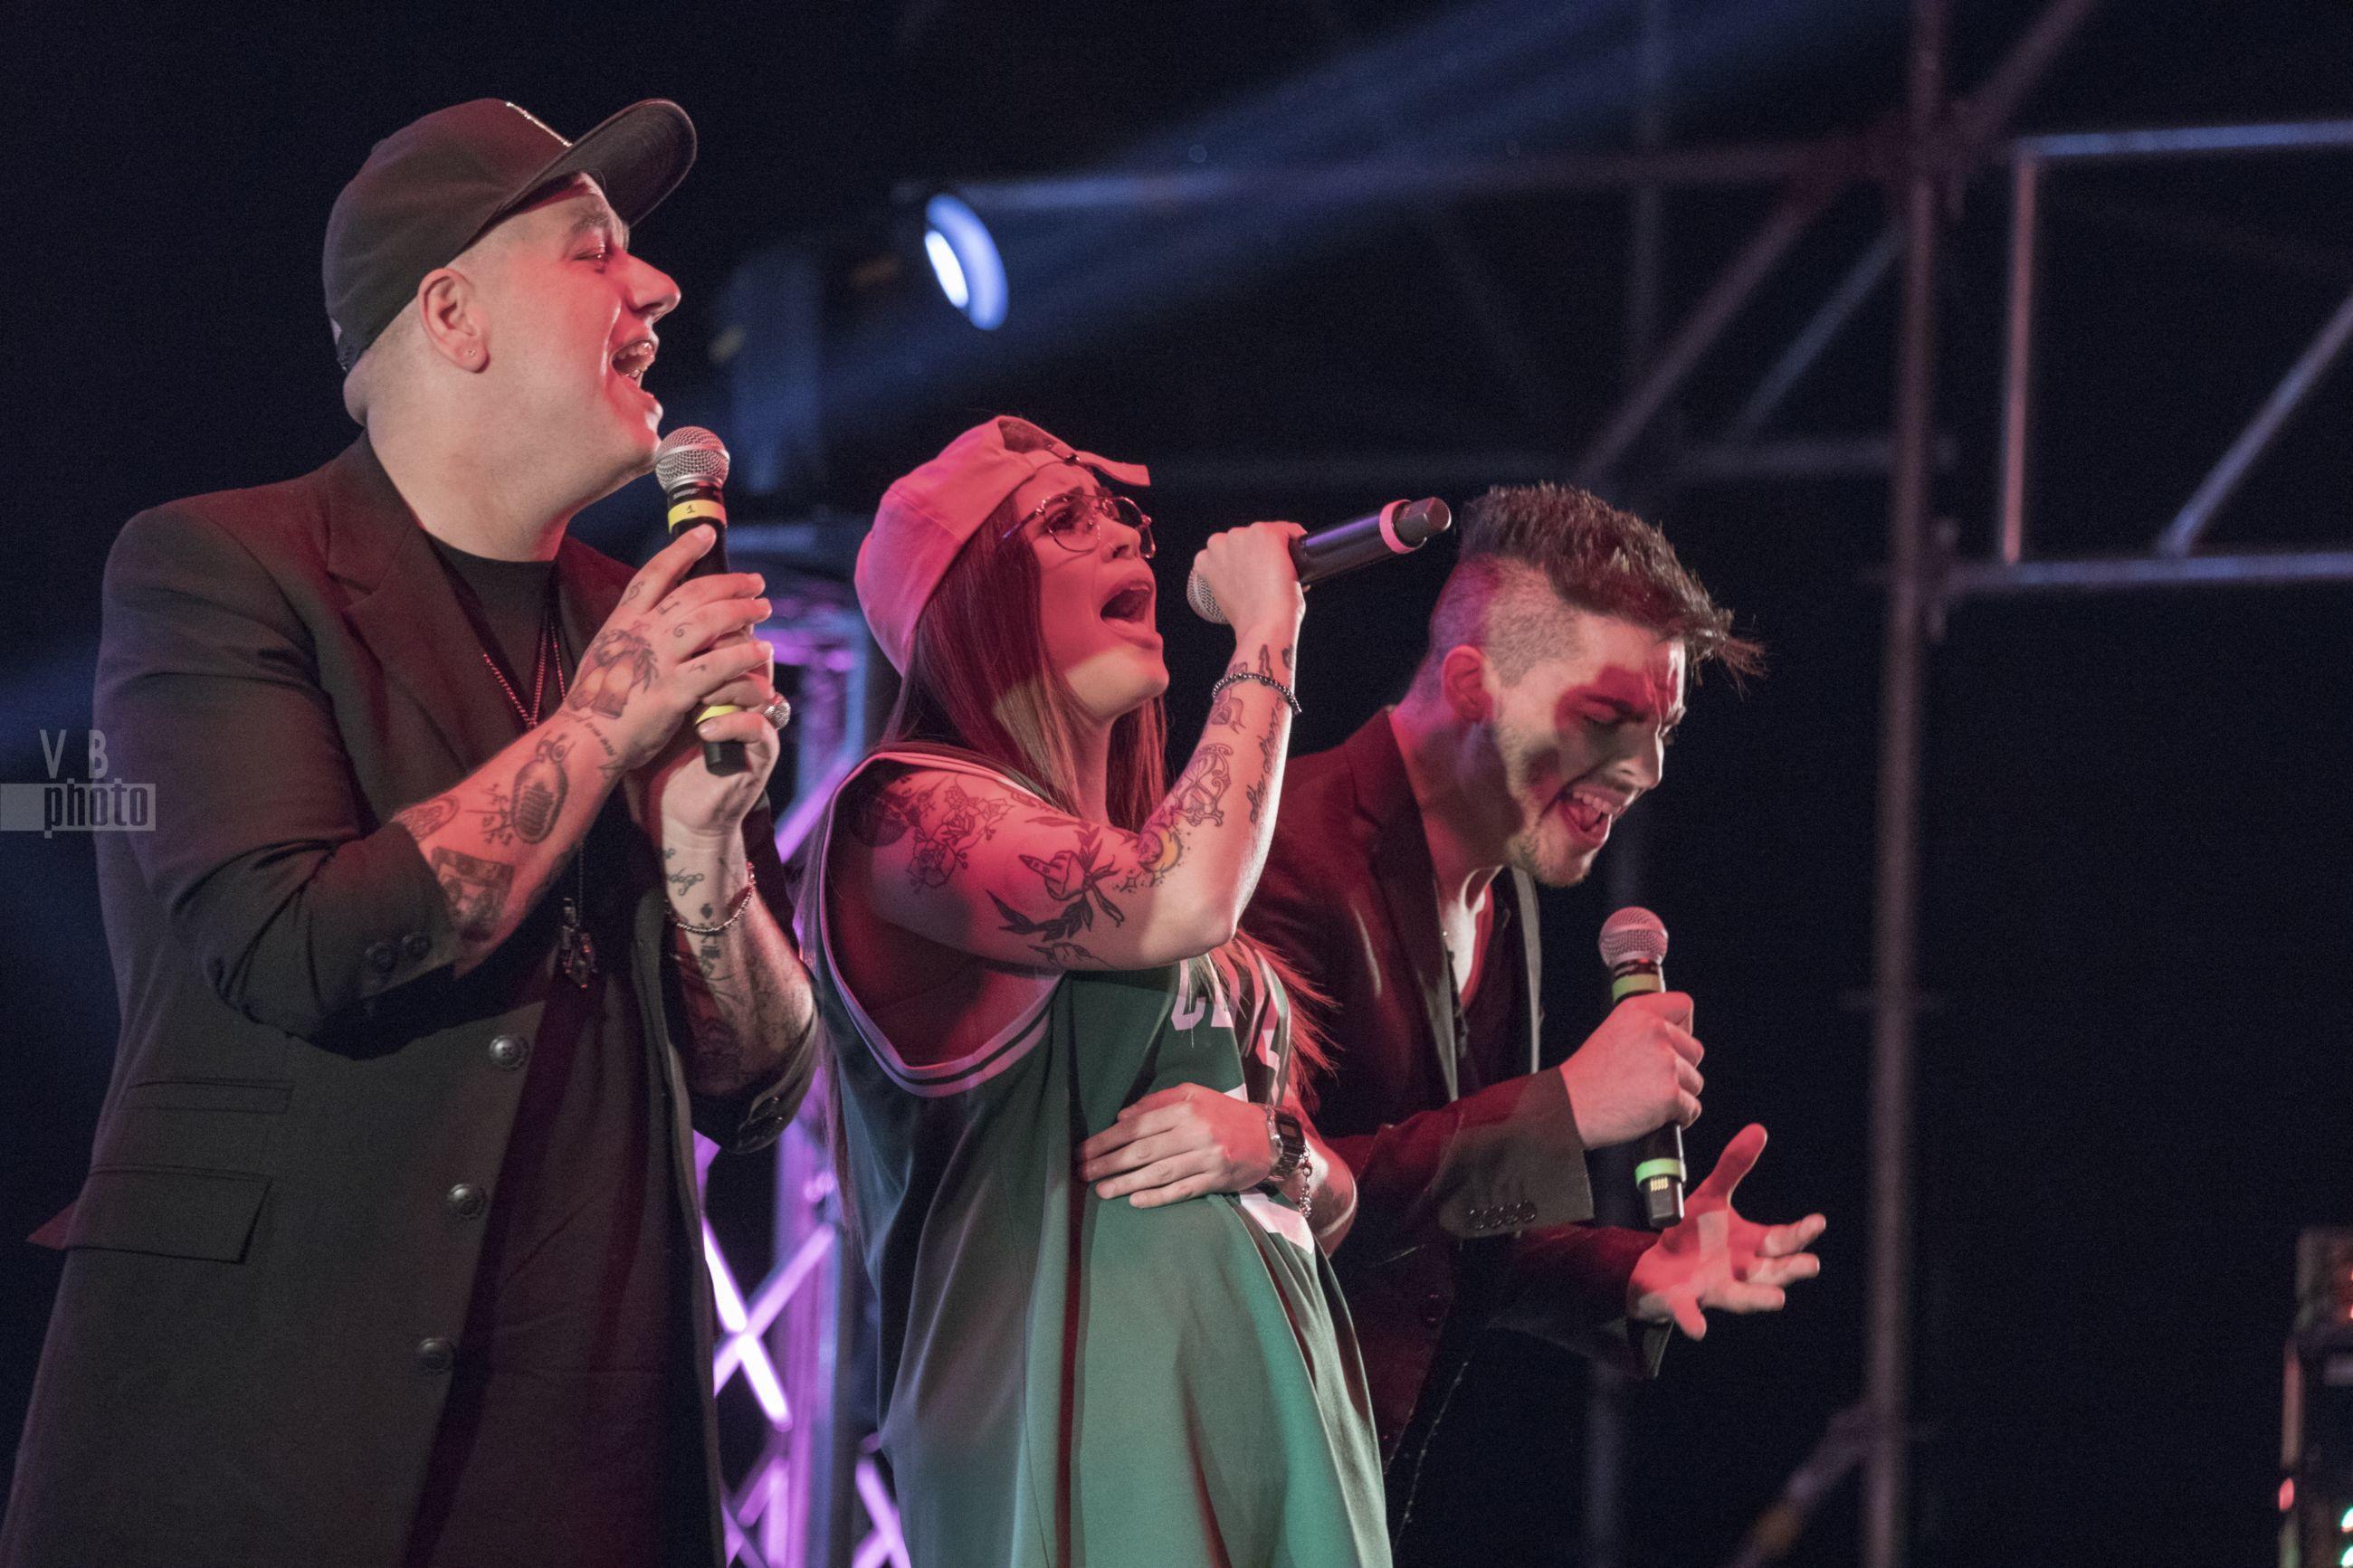 Musicomio ospiti di Pio e Amedeo - 15 luglio 2018 - Molfetta